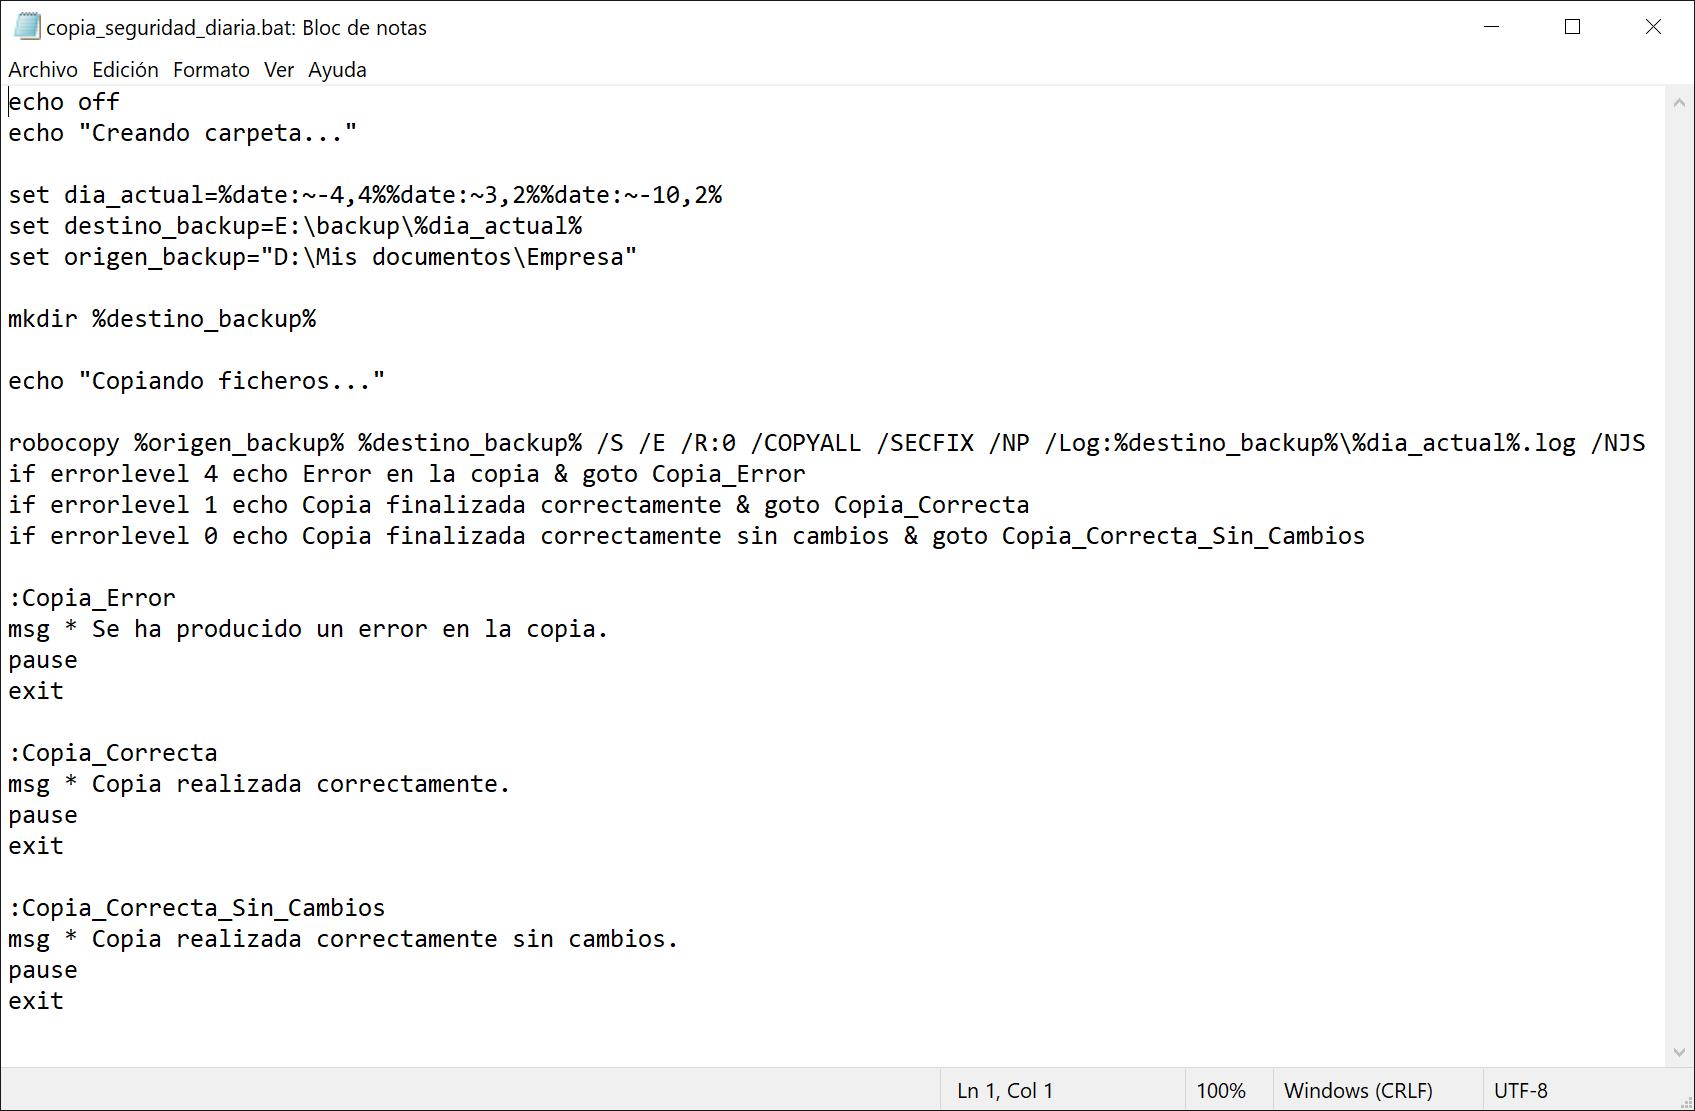 Hacer copia de seguridad en carpeta nueva cada día con Robocopy en Windows